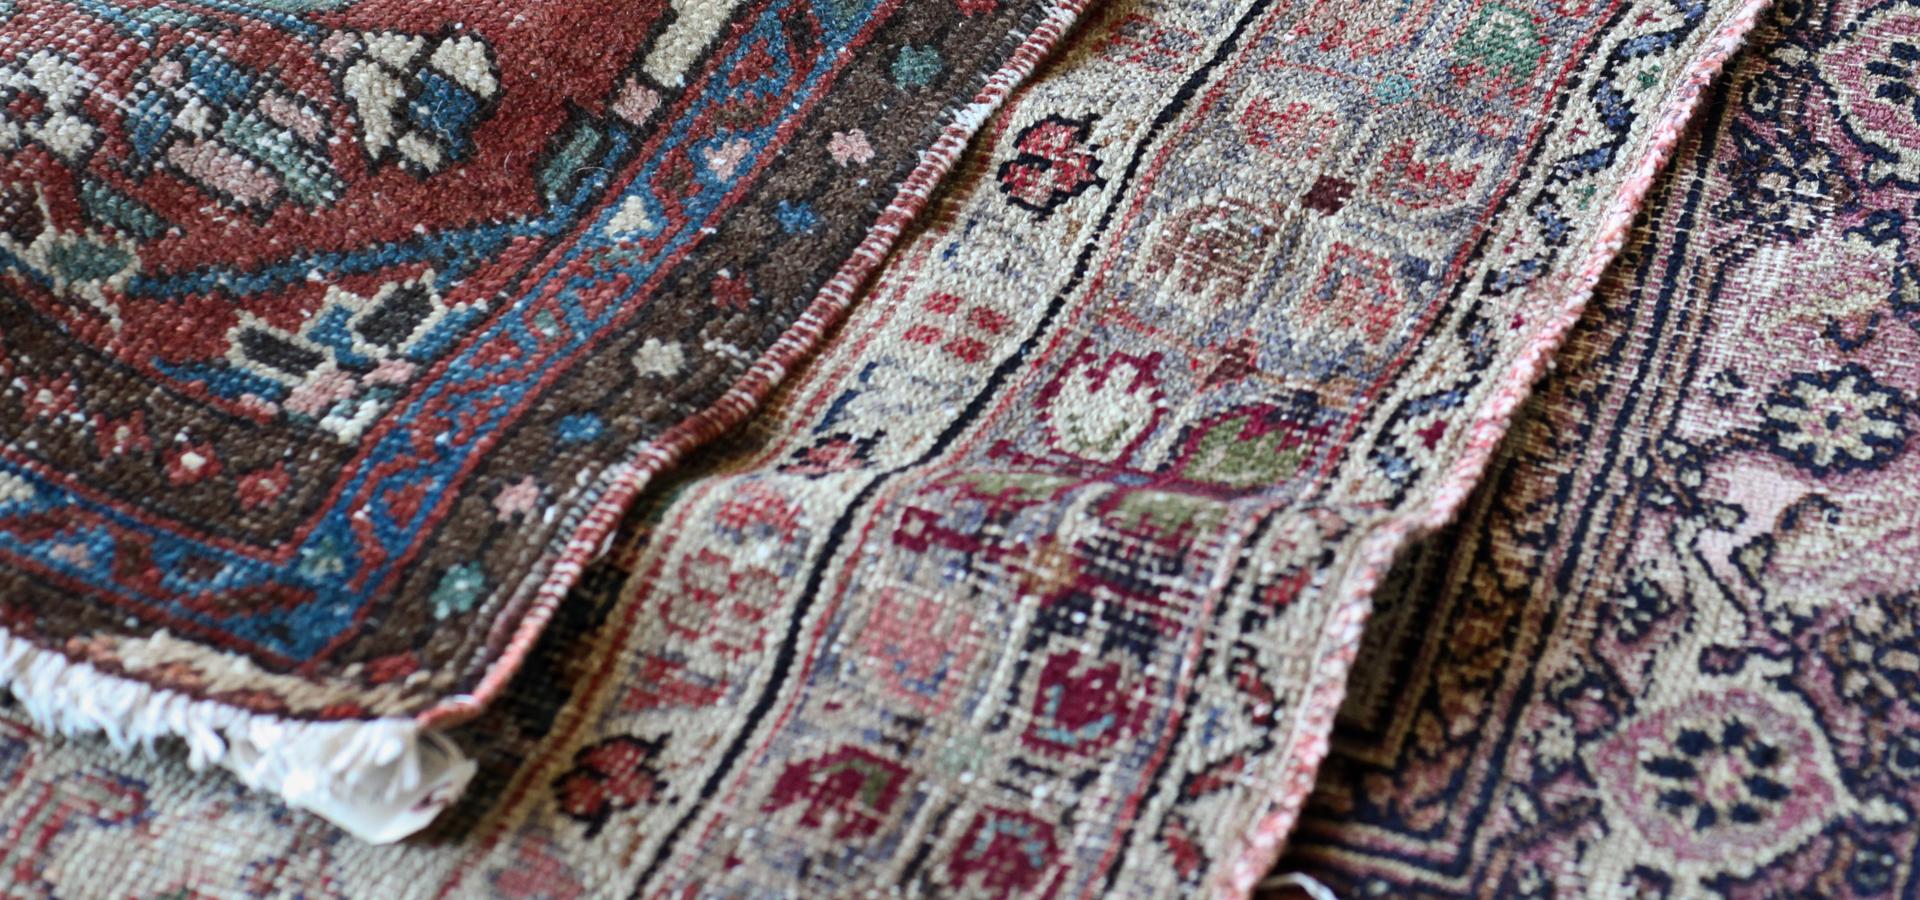 Pulizia tappeti come fare la pulizia tappeti tappeti - Pulizia tappeti ammoniaca ...